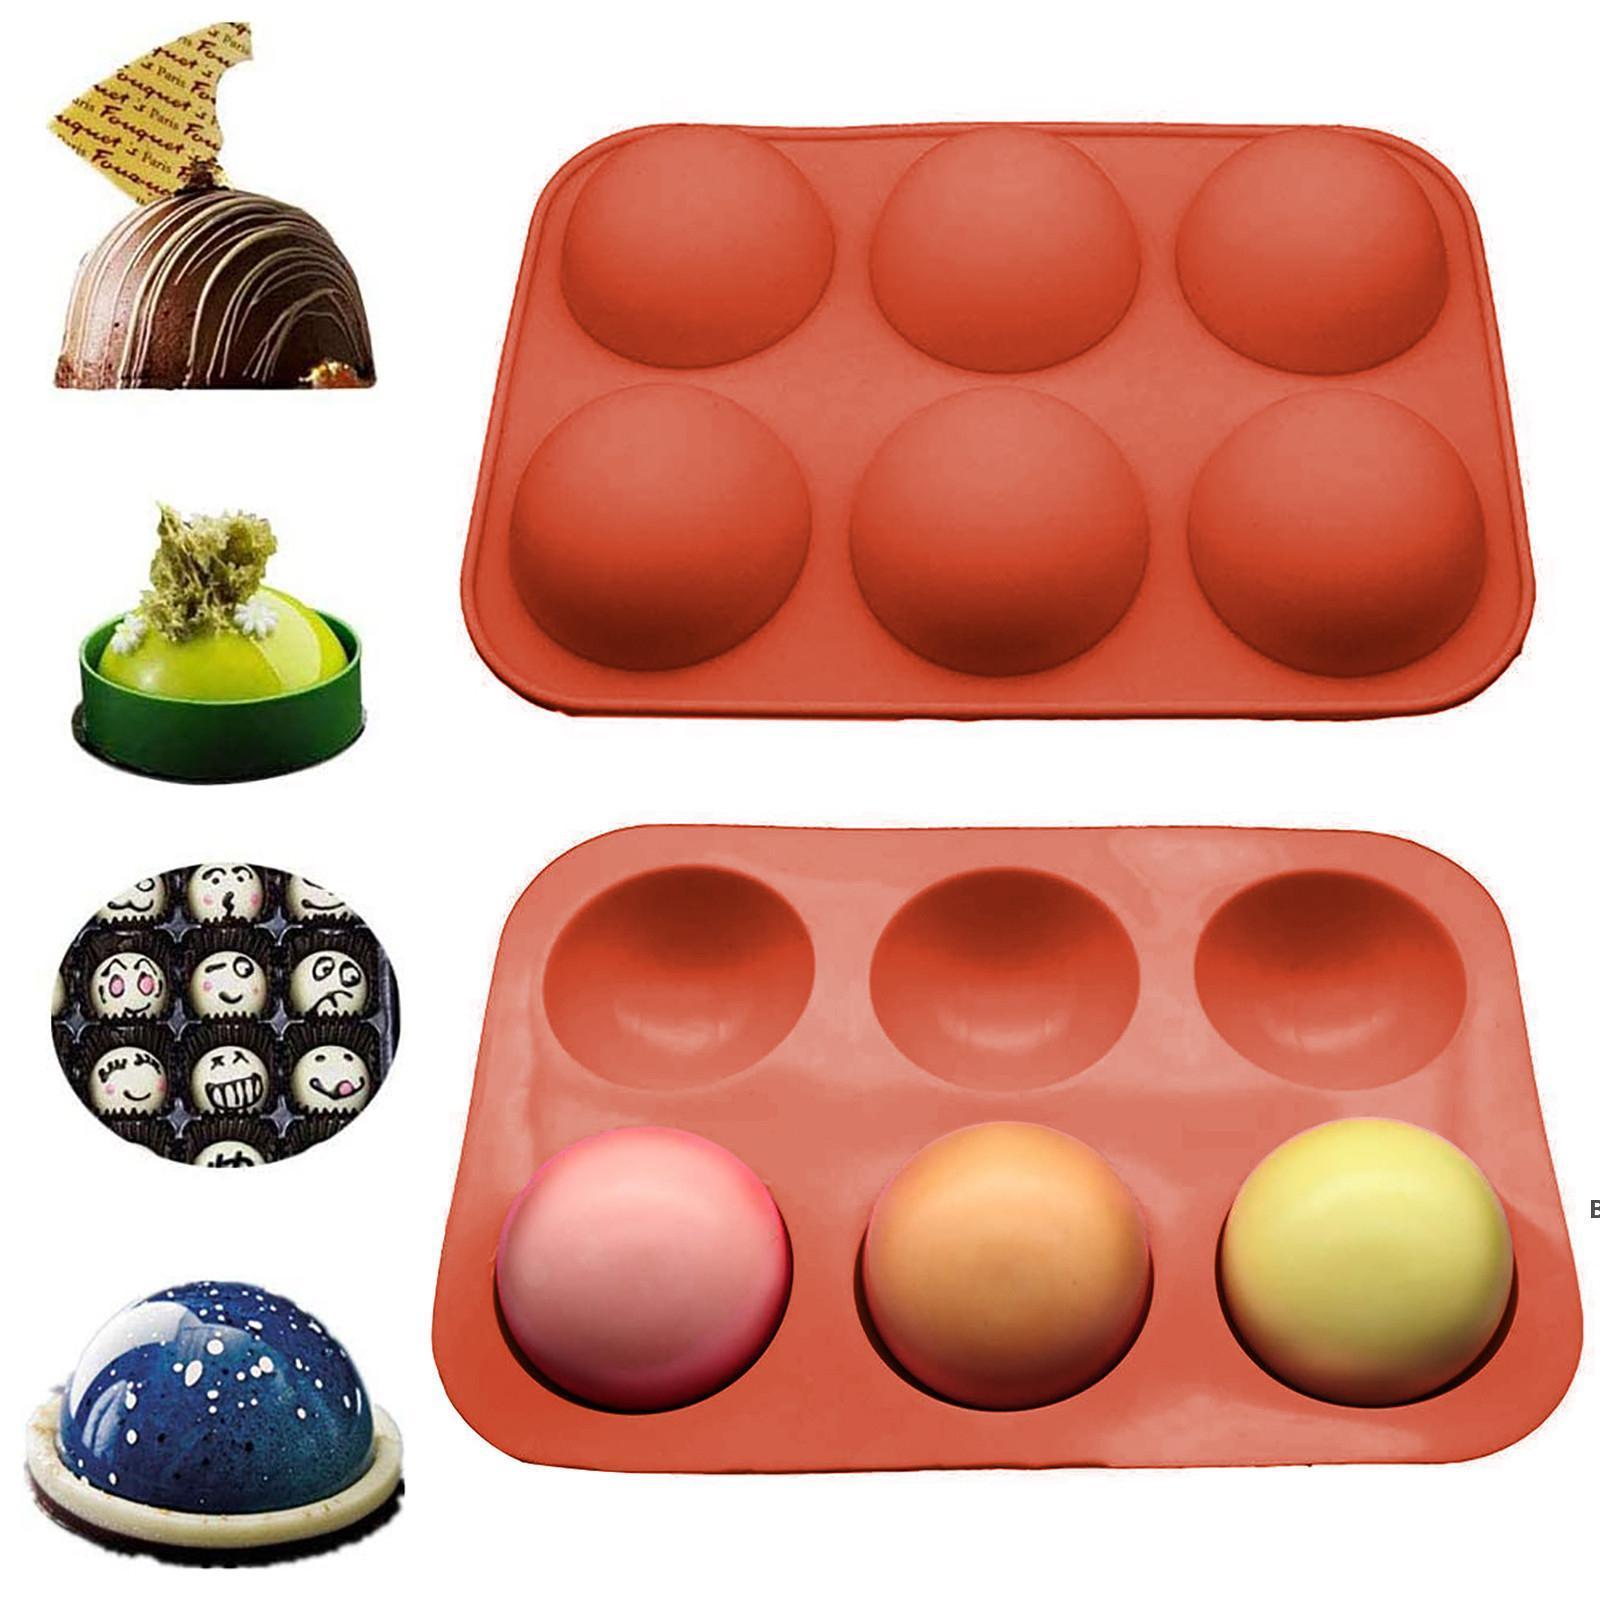 Metade da esfera Silicone Soap Molds Bakeware Bolo Decoração Ferramentas Pudim Jelly Chocolate Fondant Bola Bola Biscoito Moldes DHB6701